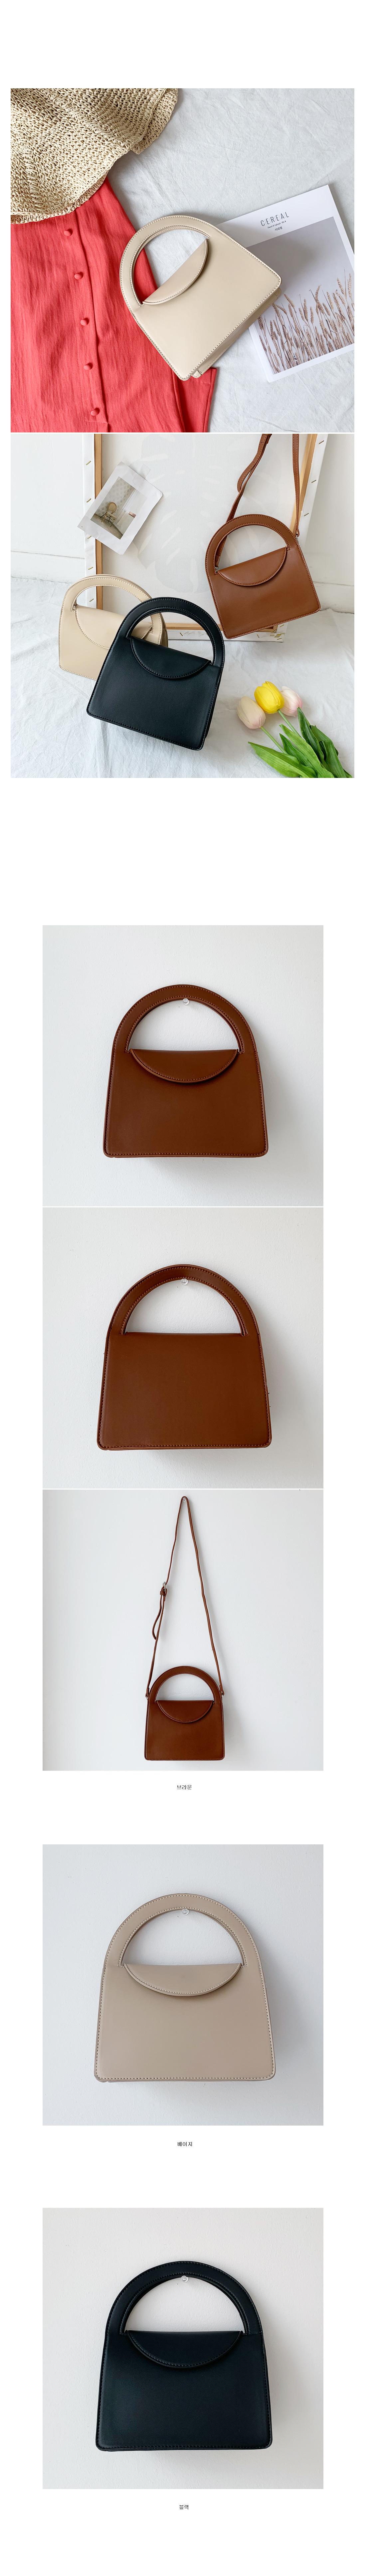 Signal Tote & Cross Bag-Black, Brown